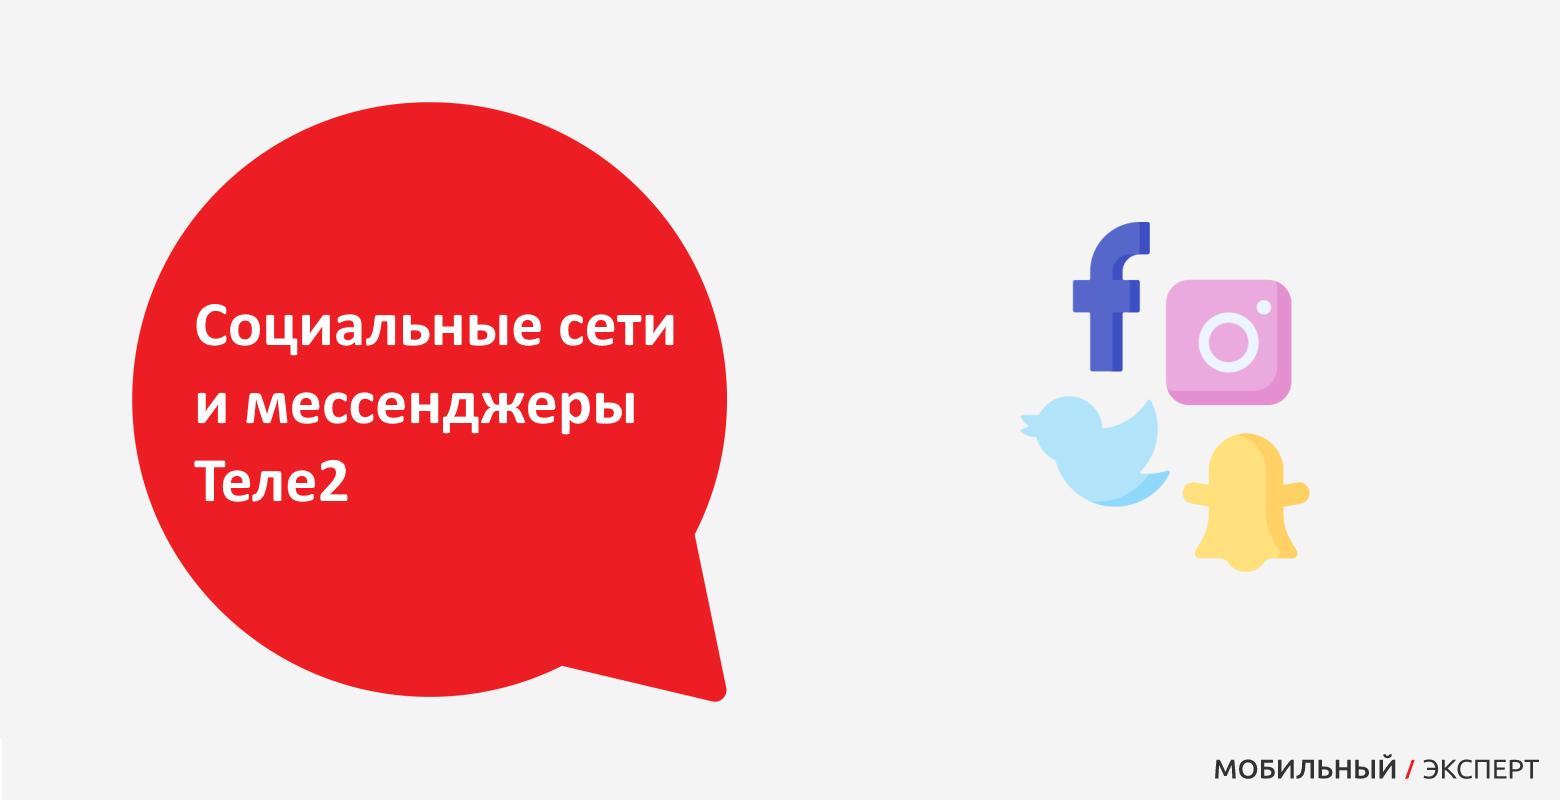 Социальные сети и мессенджеры Теле2